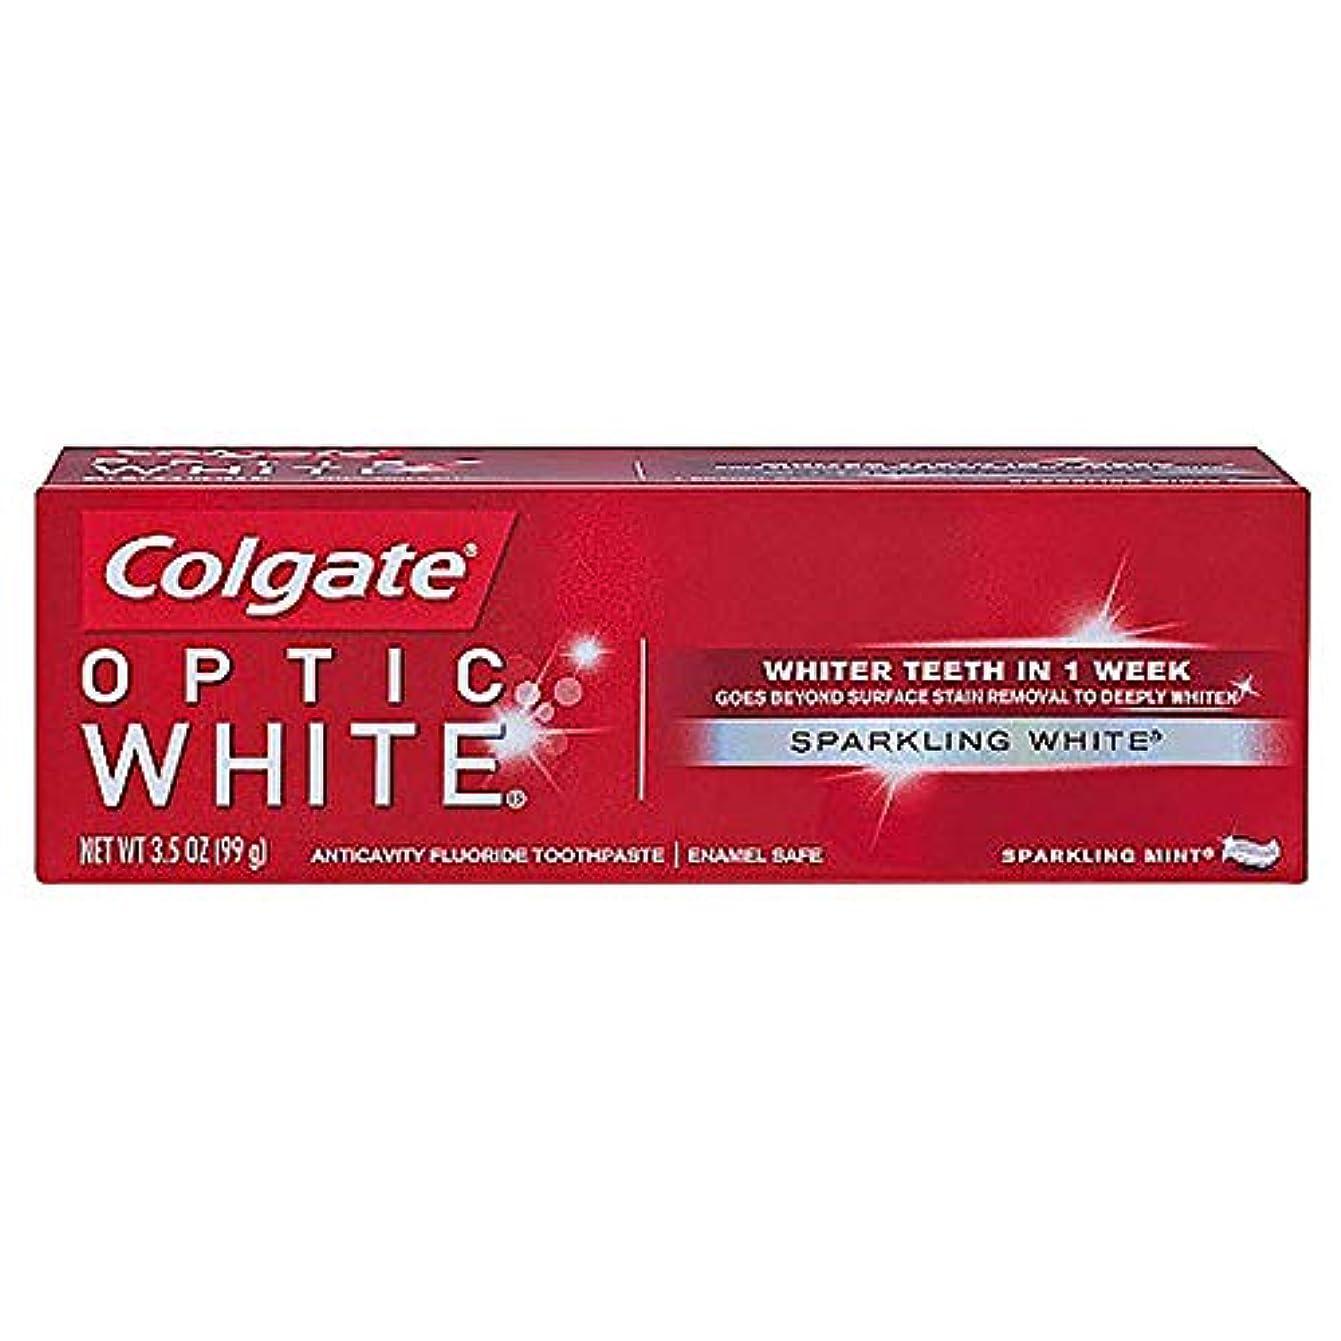 ローブ蒸留する偶然コルゲート ホワイトニング Colgate Optic White Sparkling White 99g 白い歯 歯磨き粉 ミント